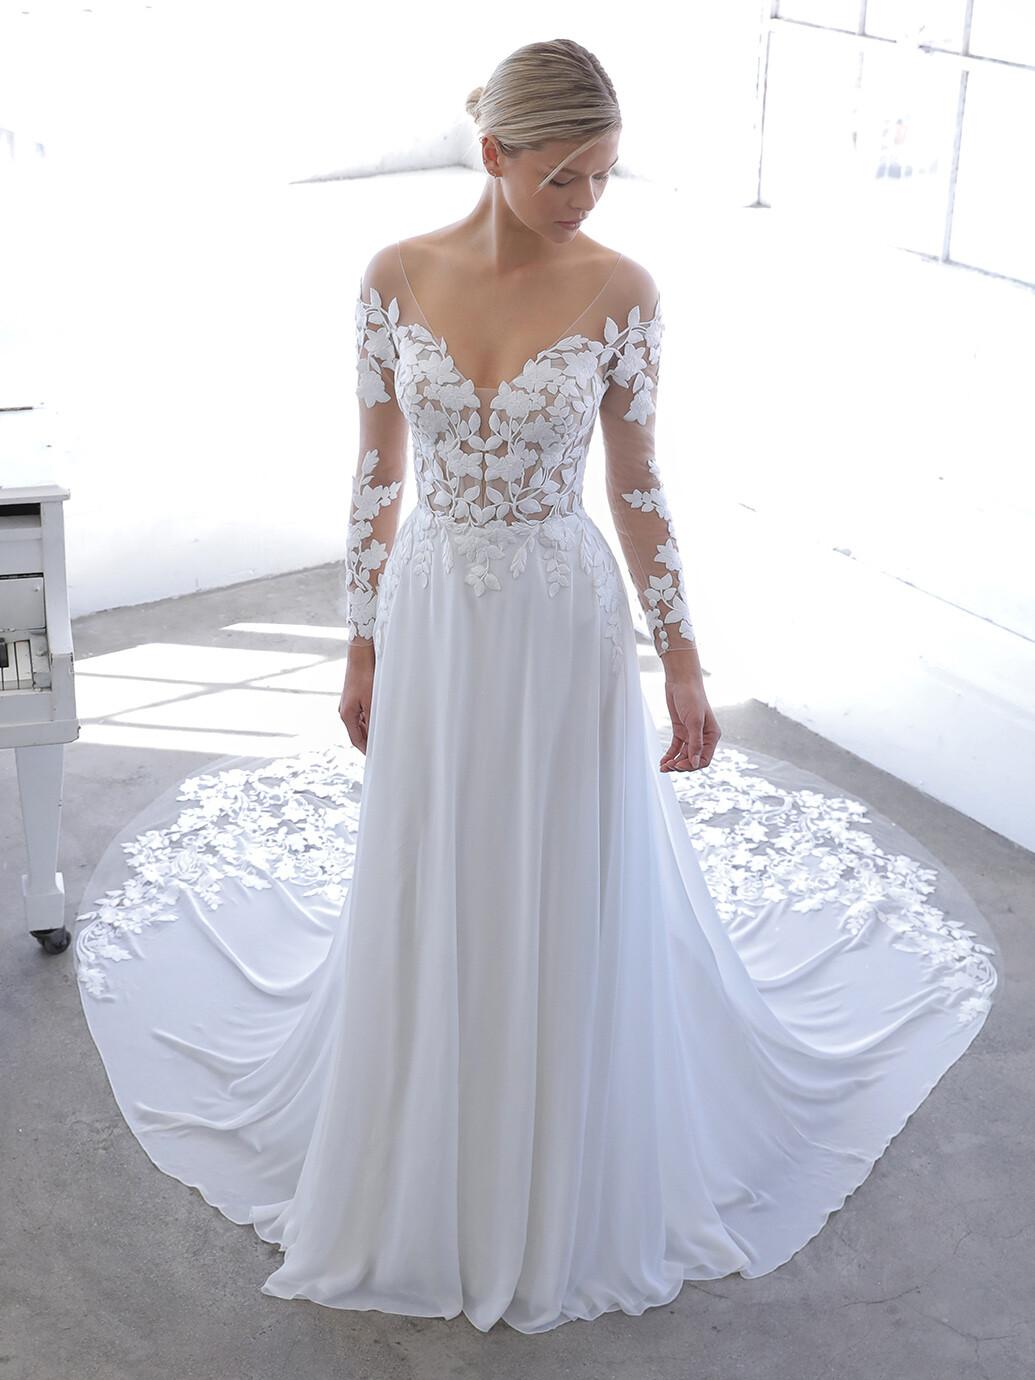 Weißes Brautkleid in A-Linie mit fließendem Rock, Tattoo-Effekt und langen Ärmeln von Blue by Enzoani, Modell Nandana